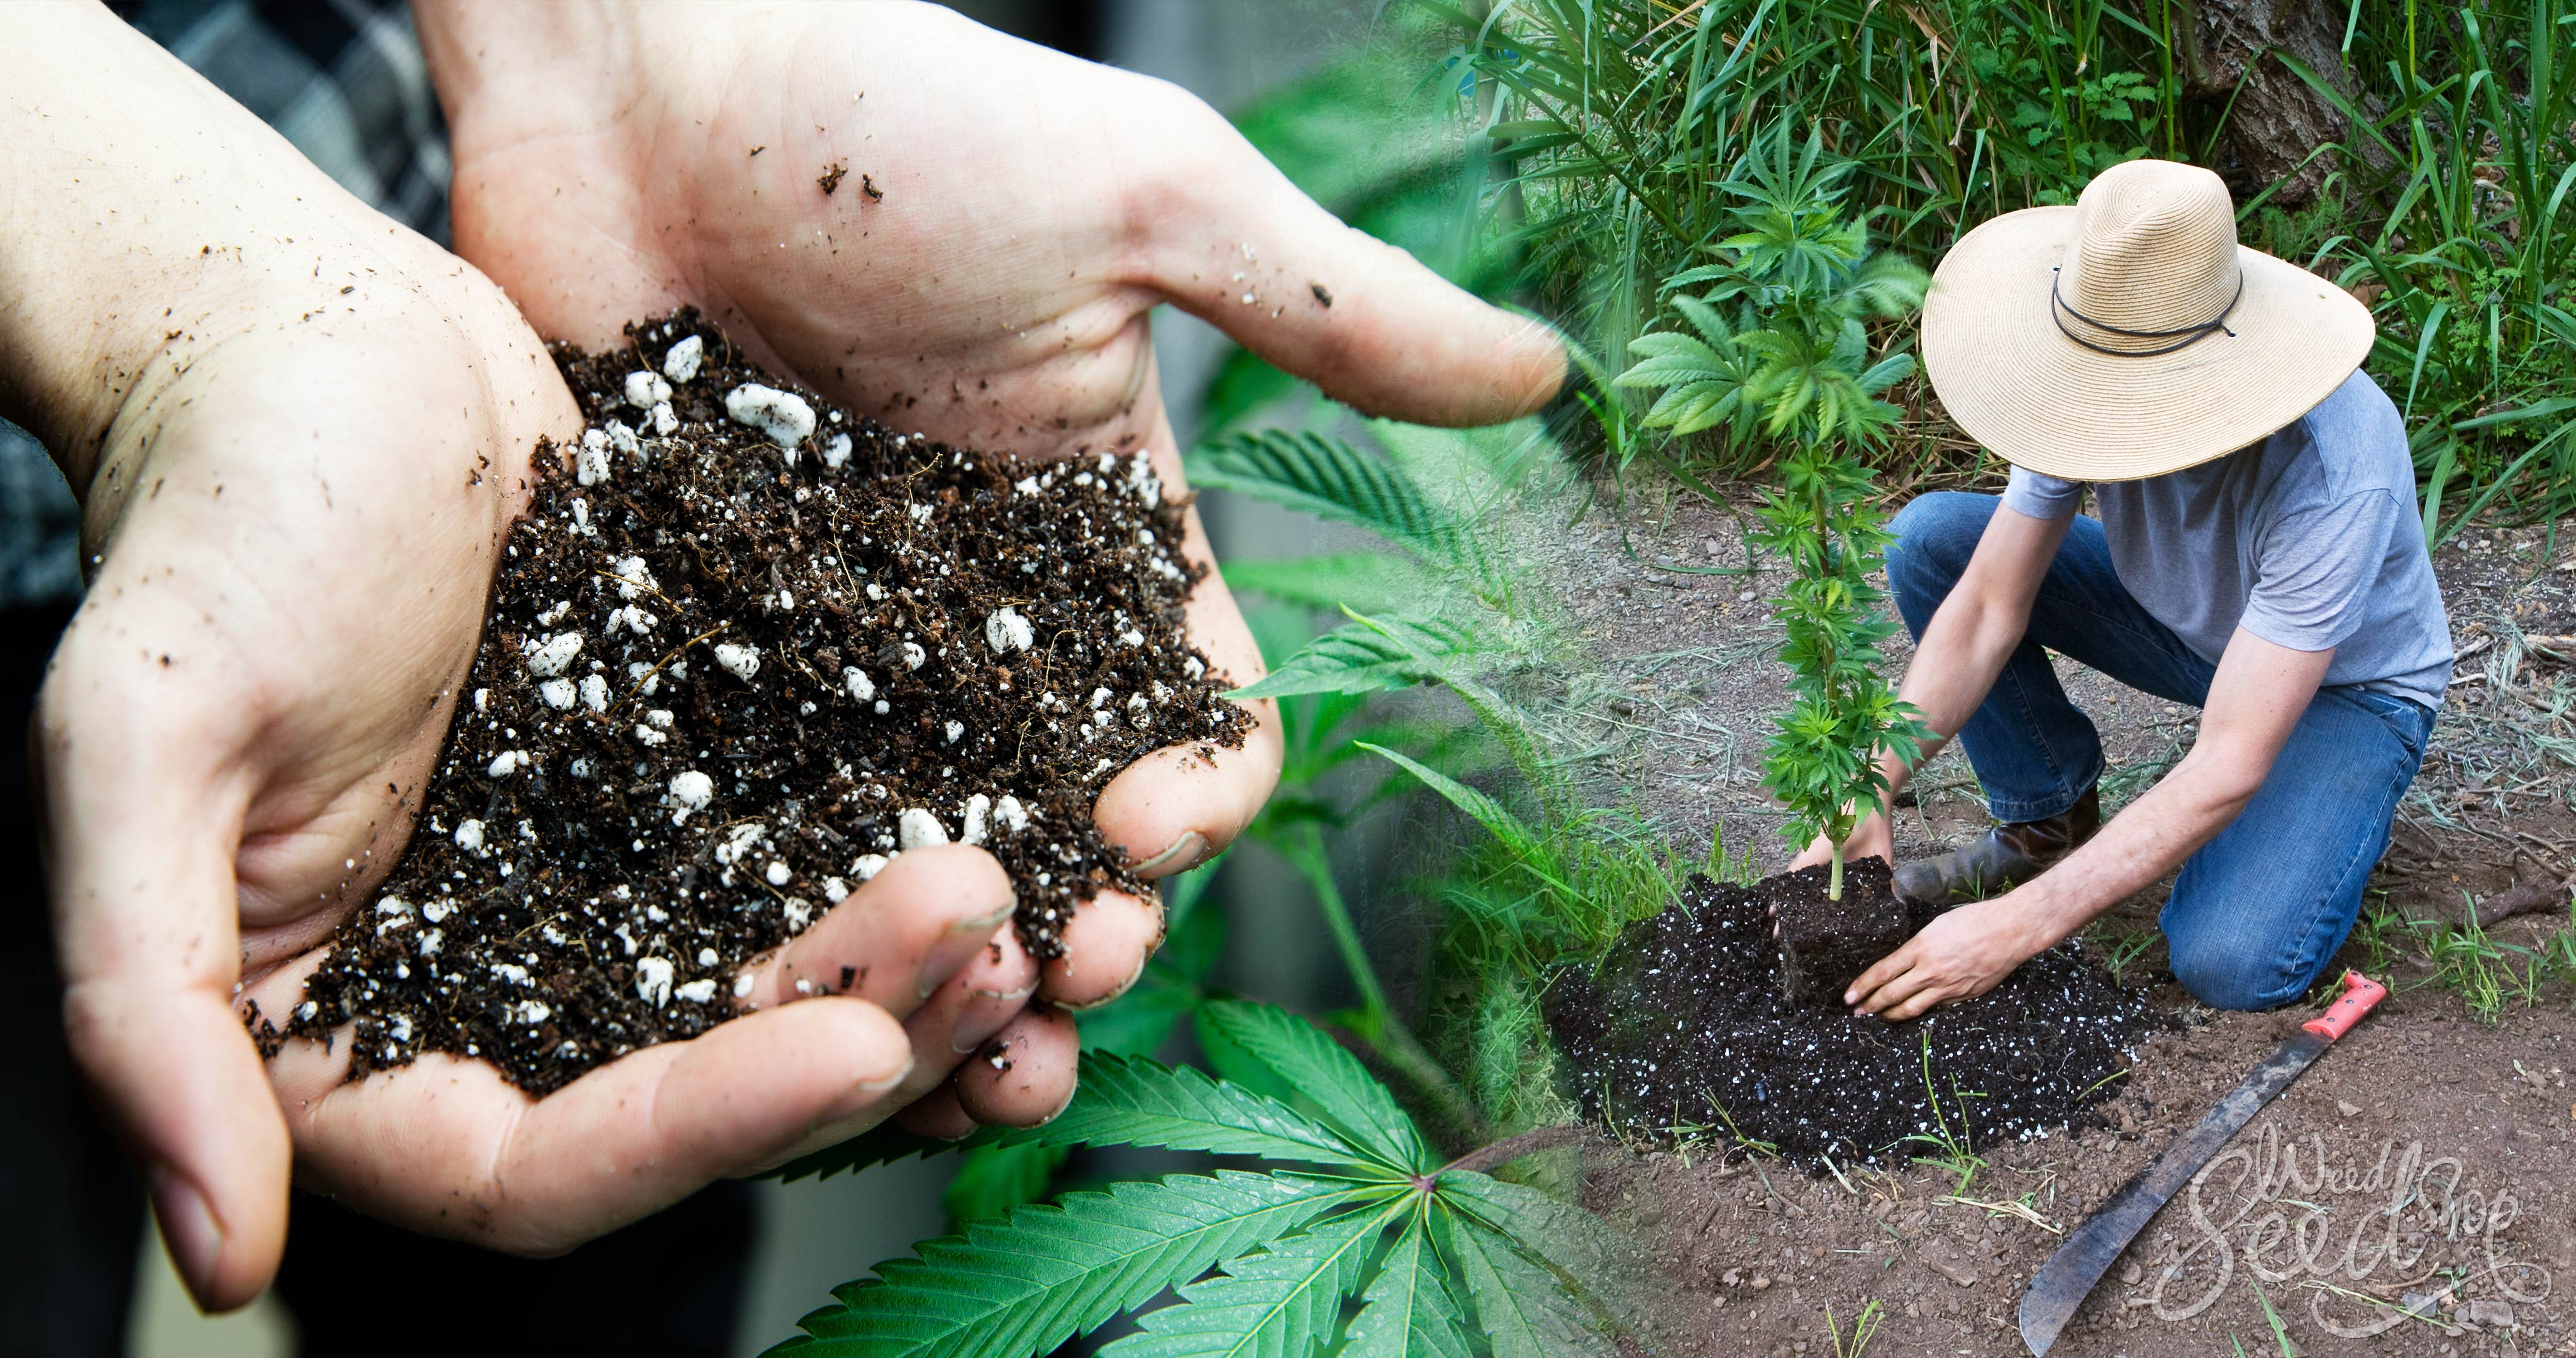 El mejor sustrato para cultivar cannabis – WeedSeedShop